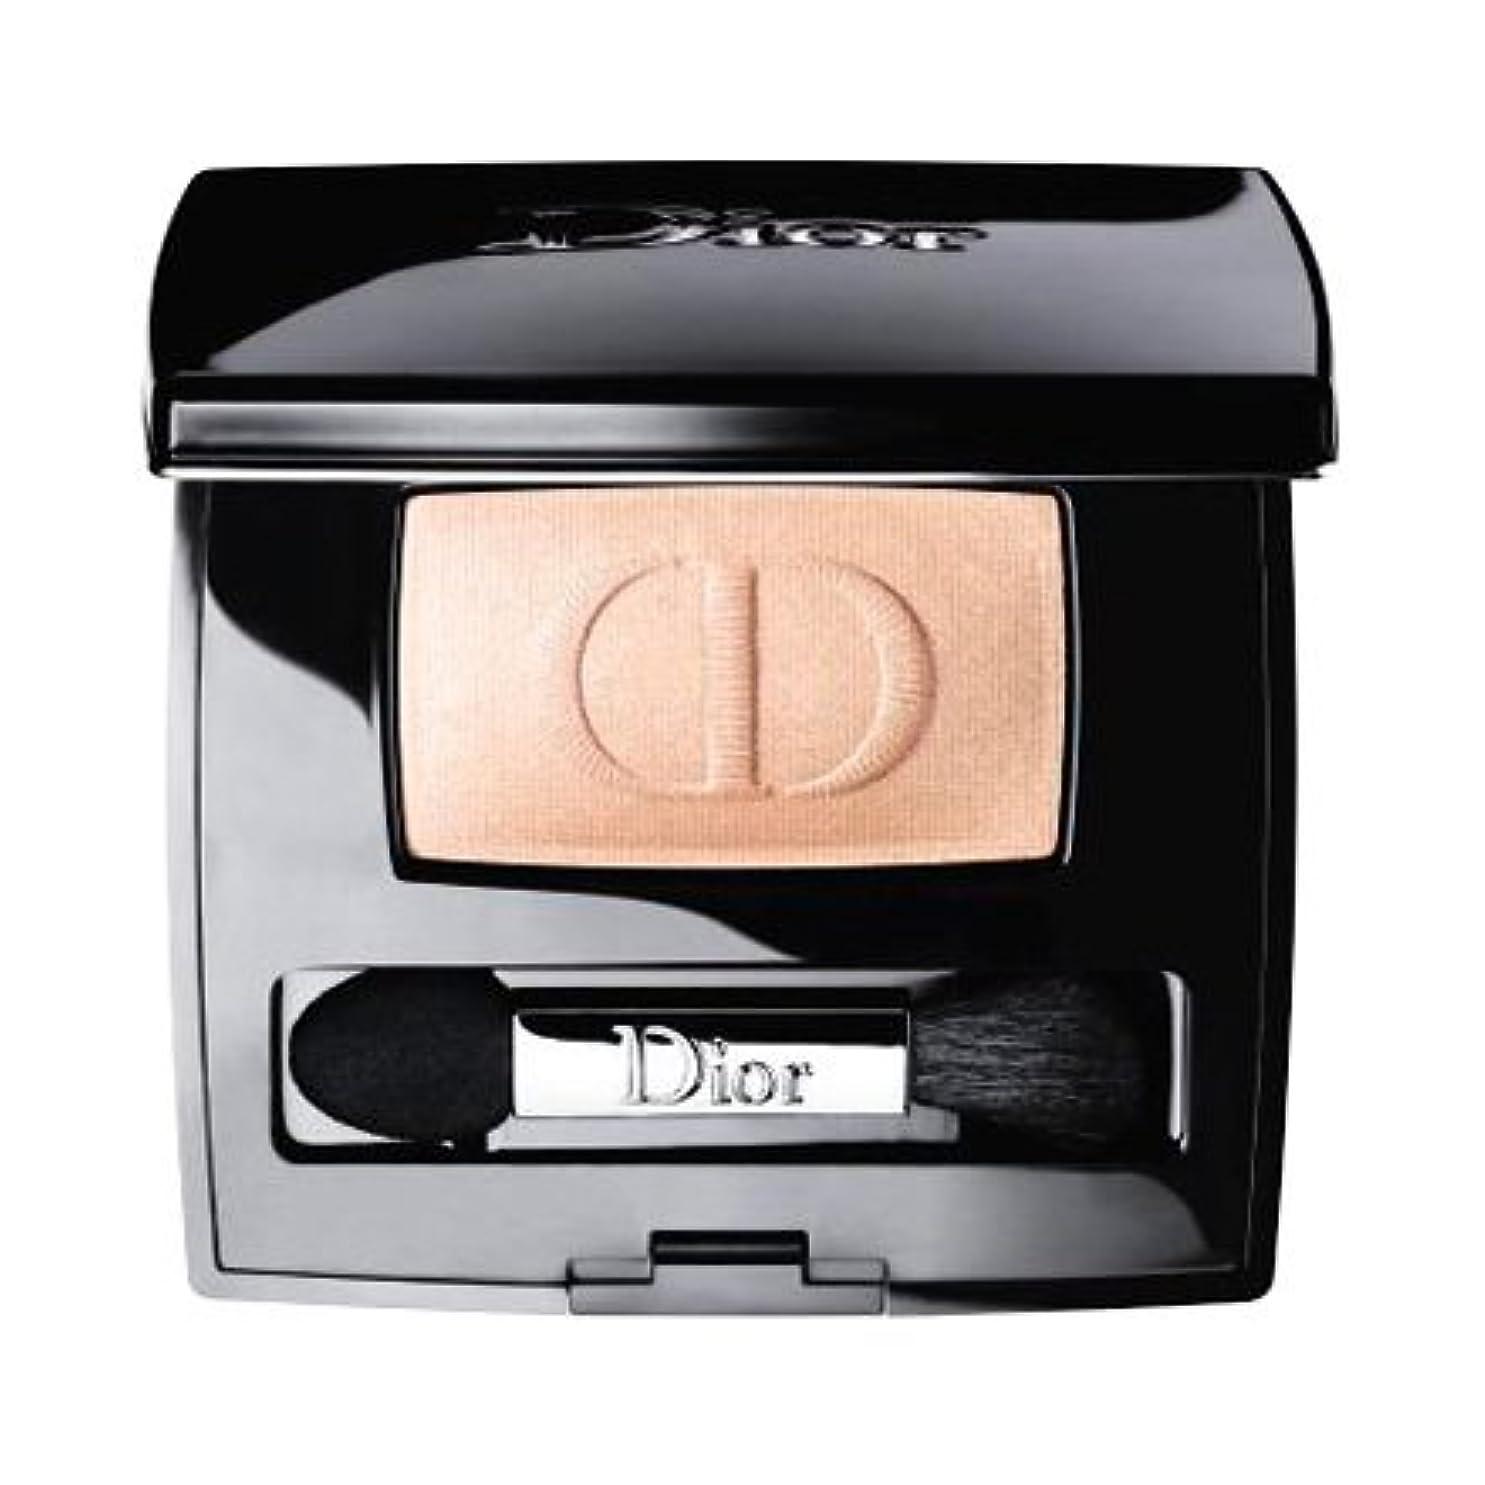 博覧会音楽摂氏Christian Dior クリスチャン ディオール ディオール ショウ モノ #623 RUBAN / RIBBON 2.2g [並行輸入品]